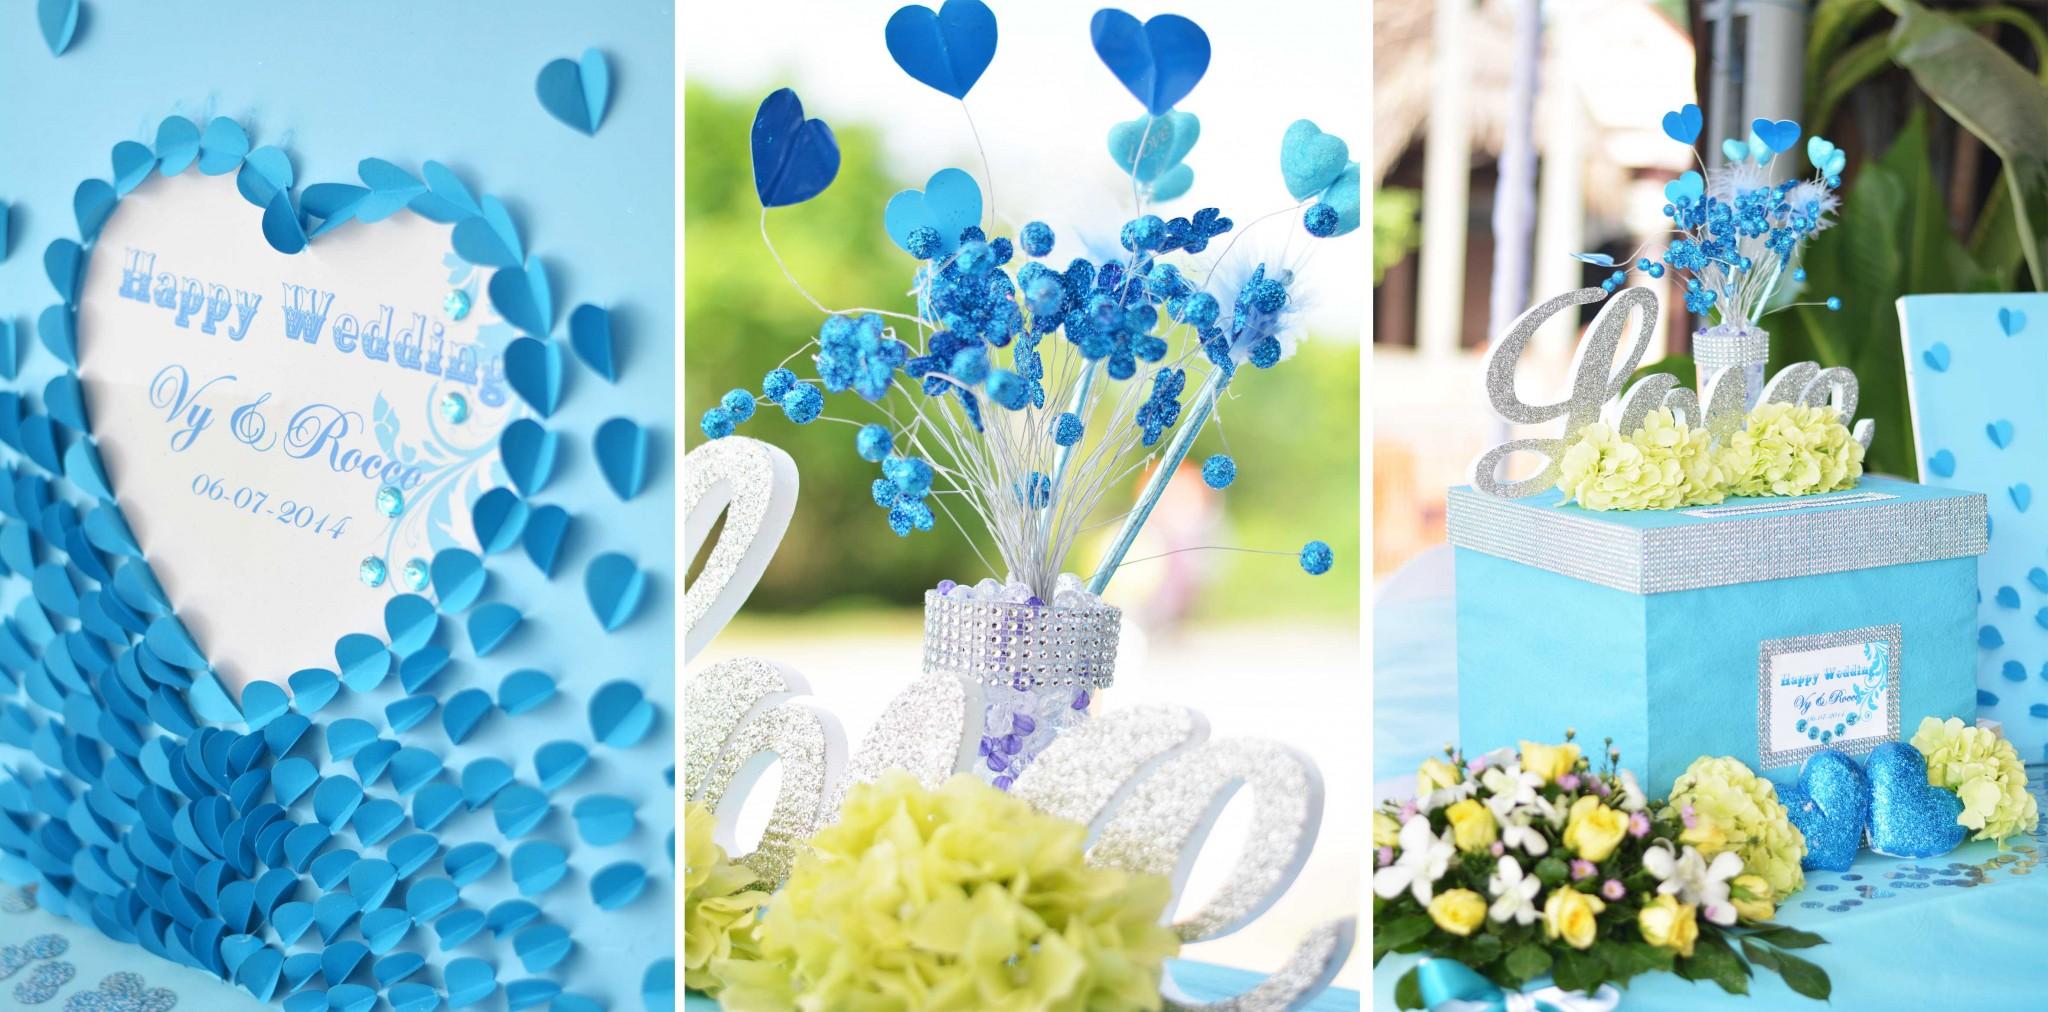 dịch vụ trang trí tiệc cưới trọn gói